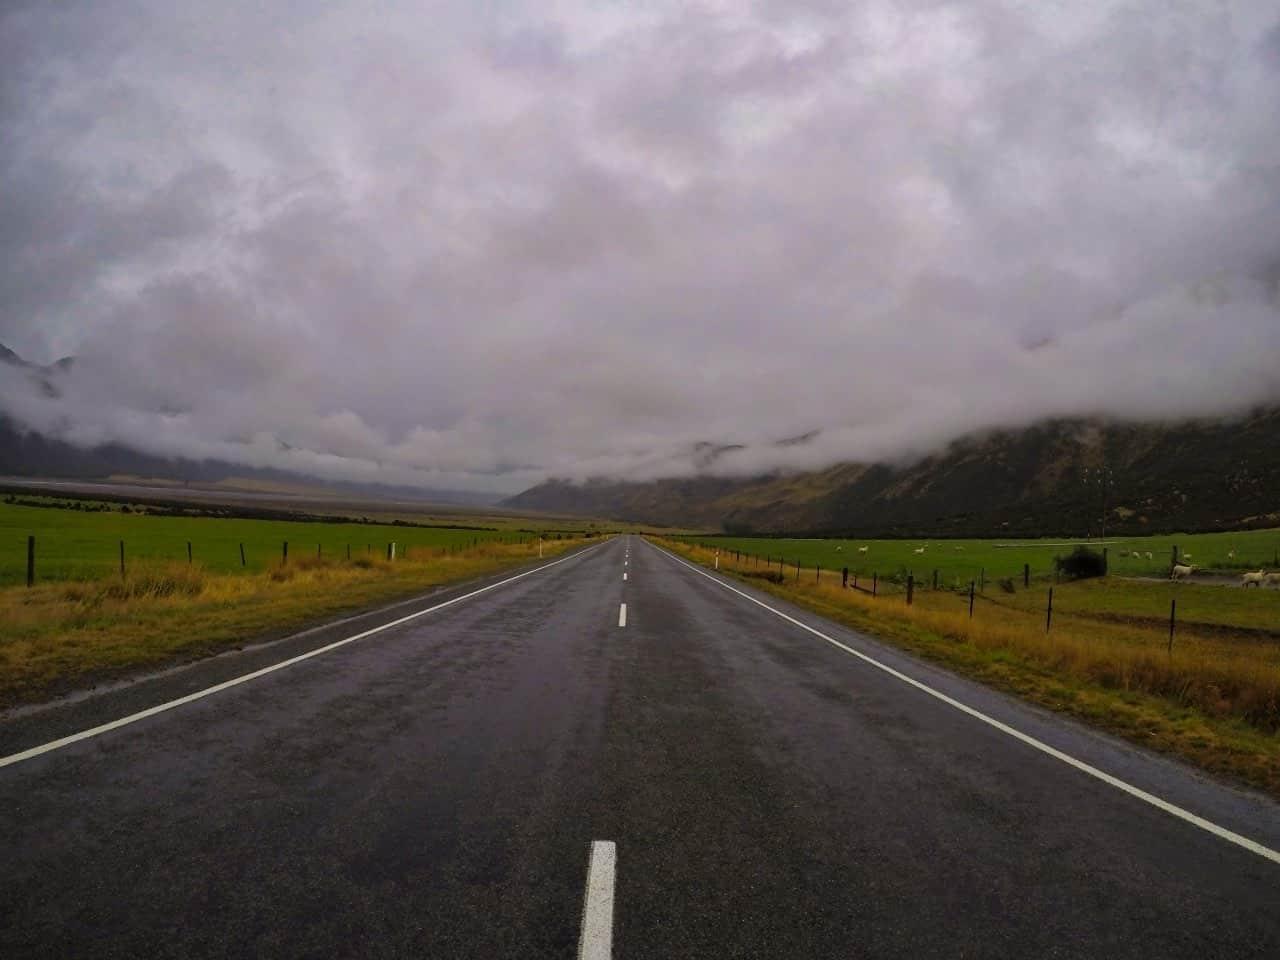 Arthurs-Pass-New-Zealand-rainy-day-Street-2